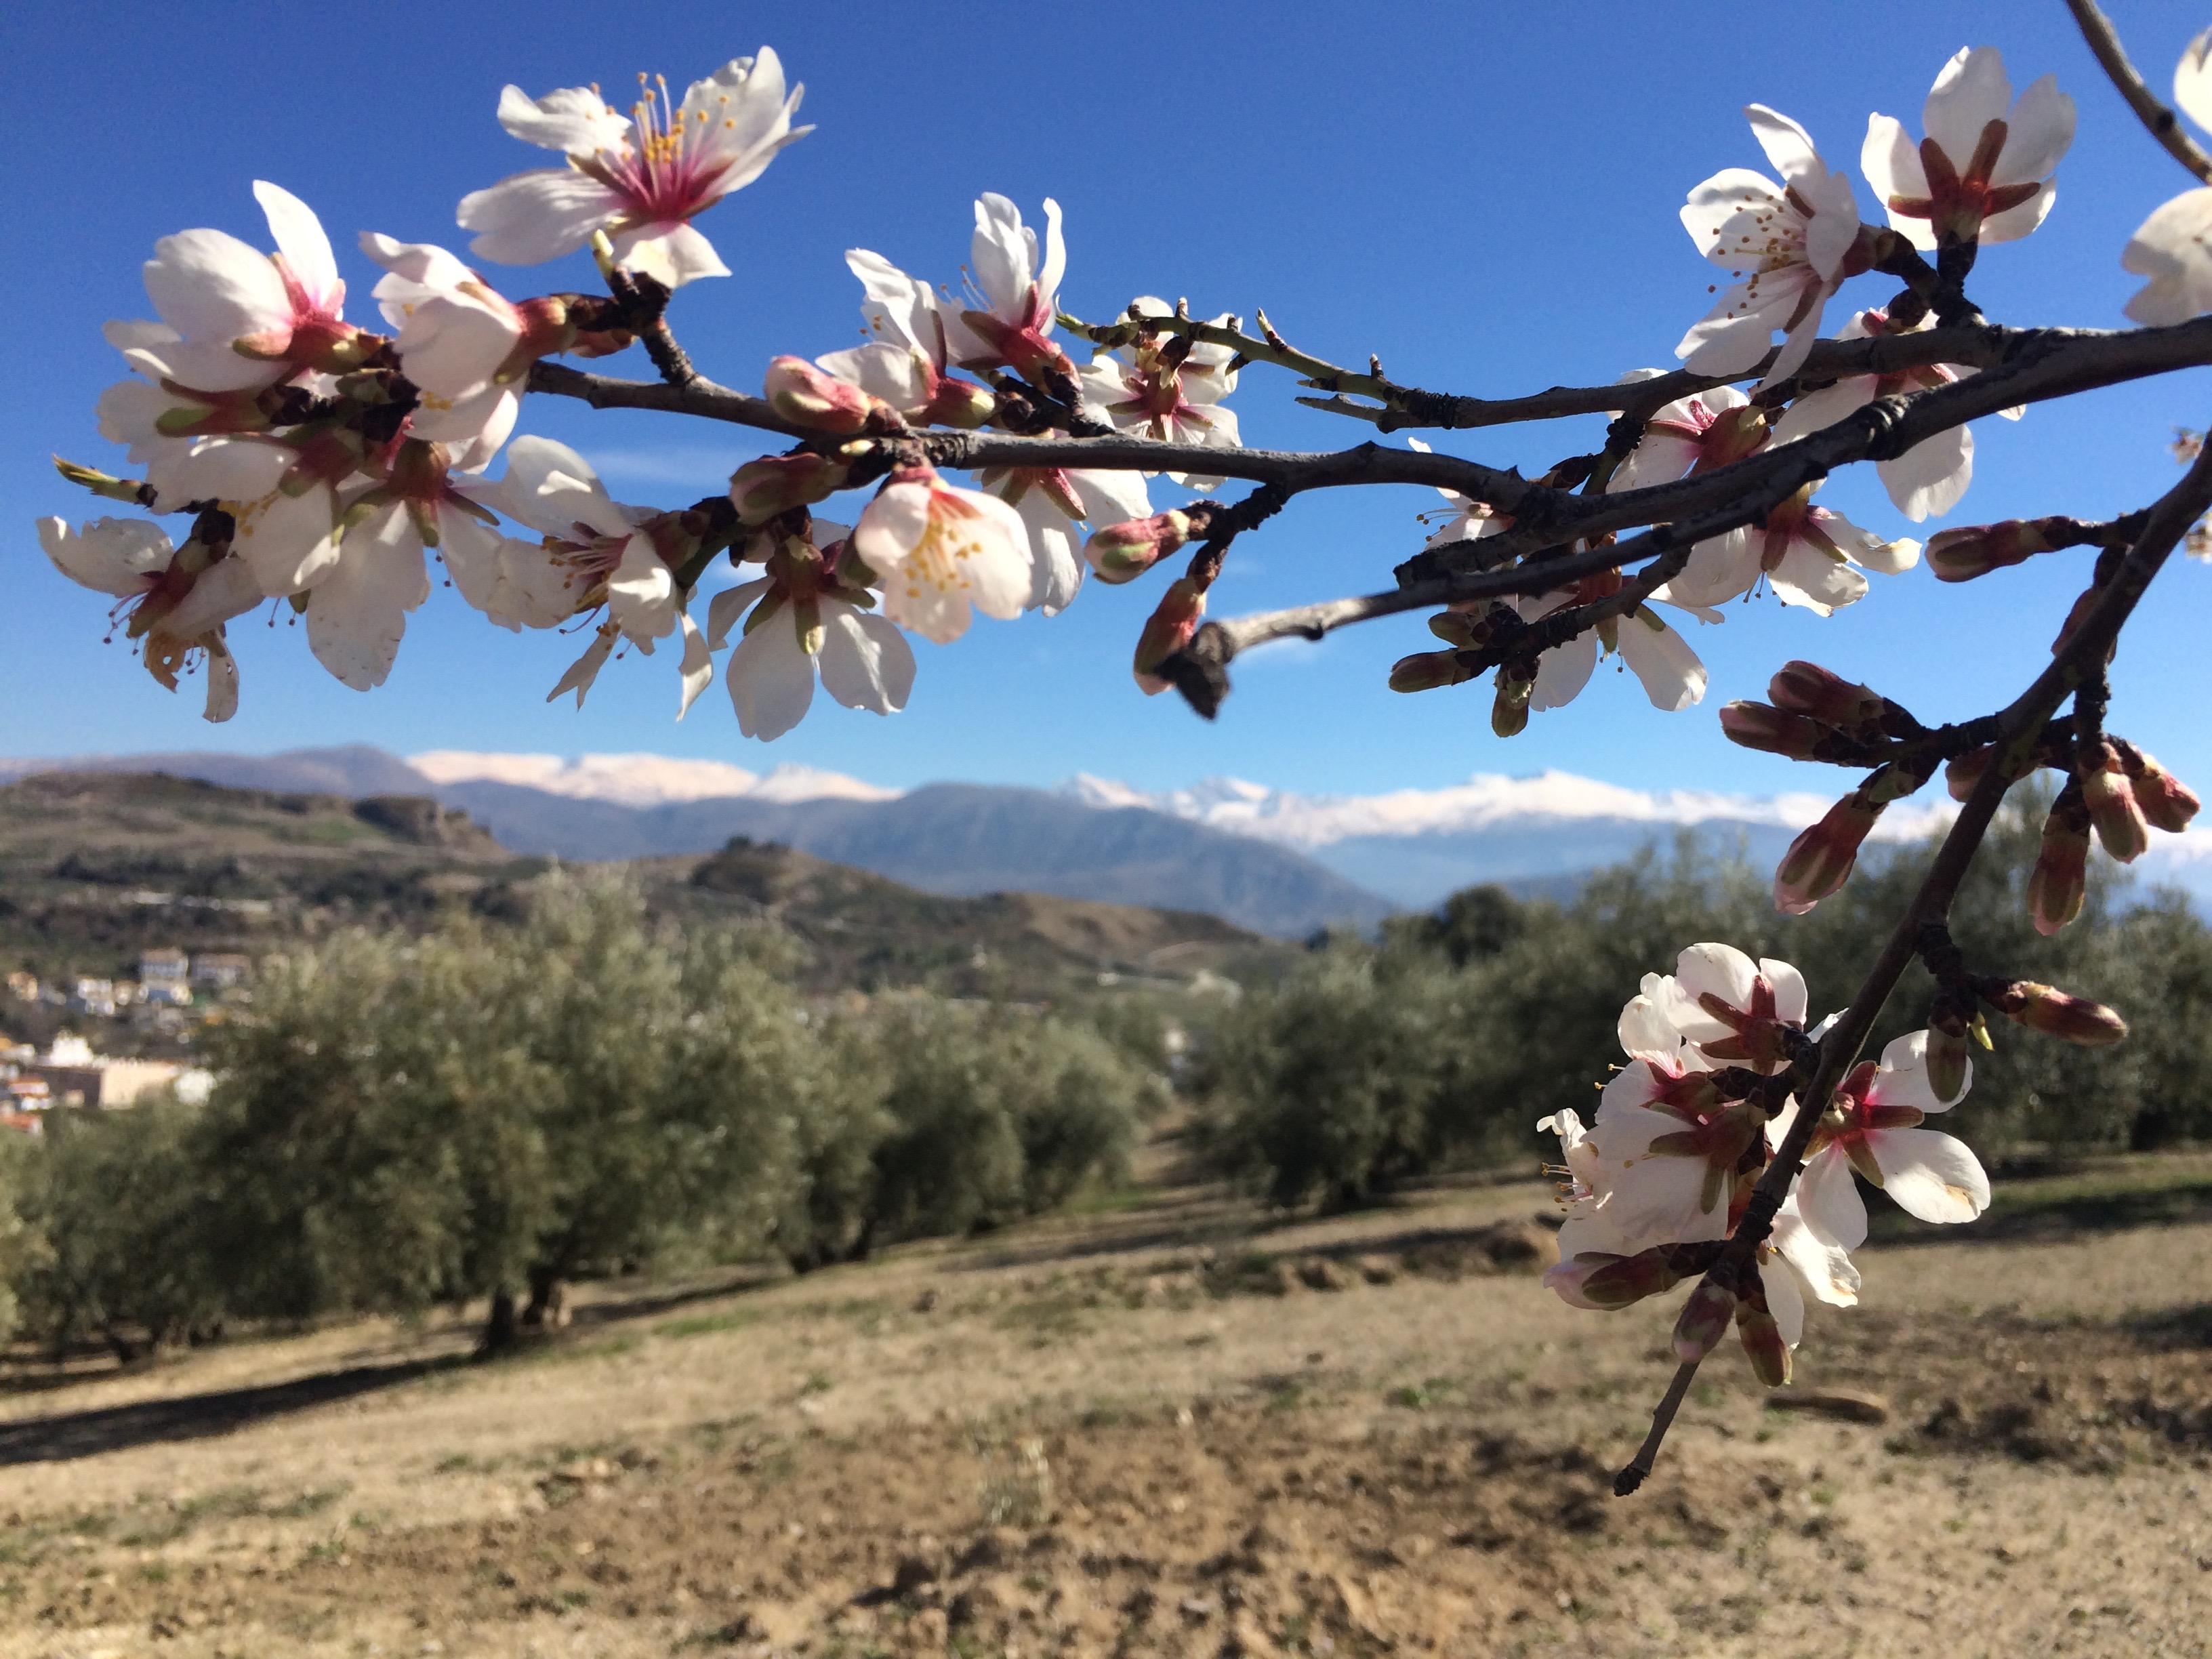 Beas de Granada Almond blossom